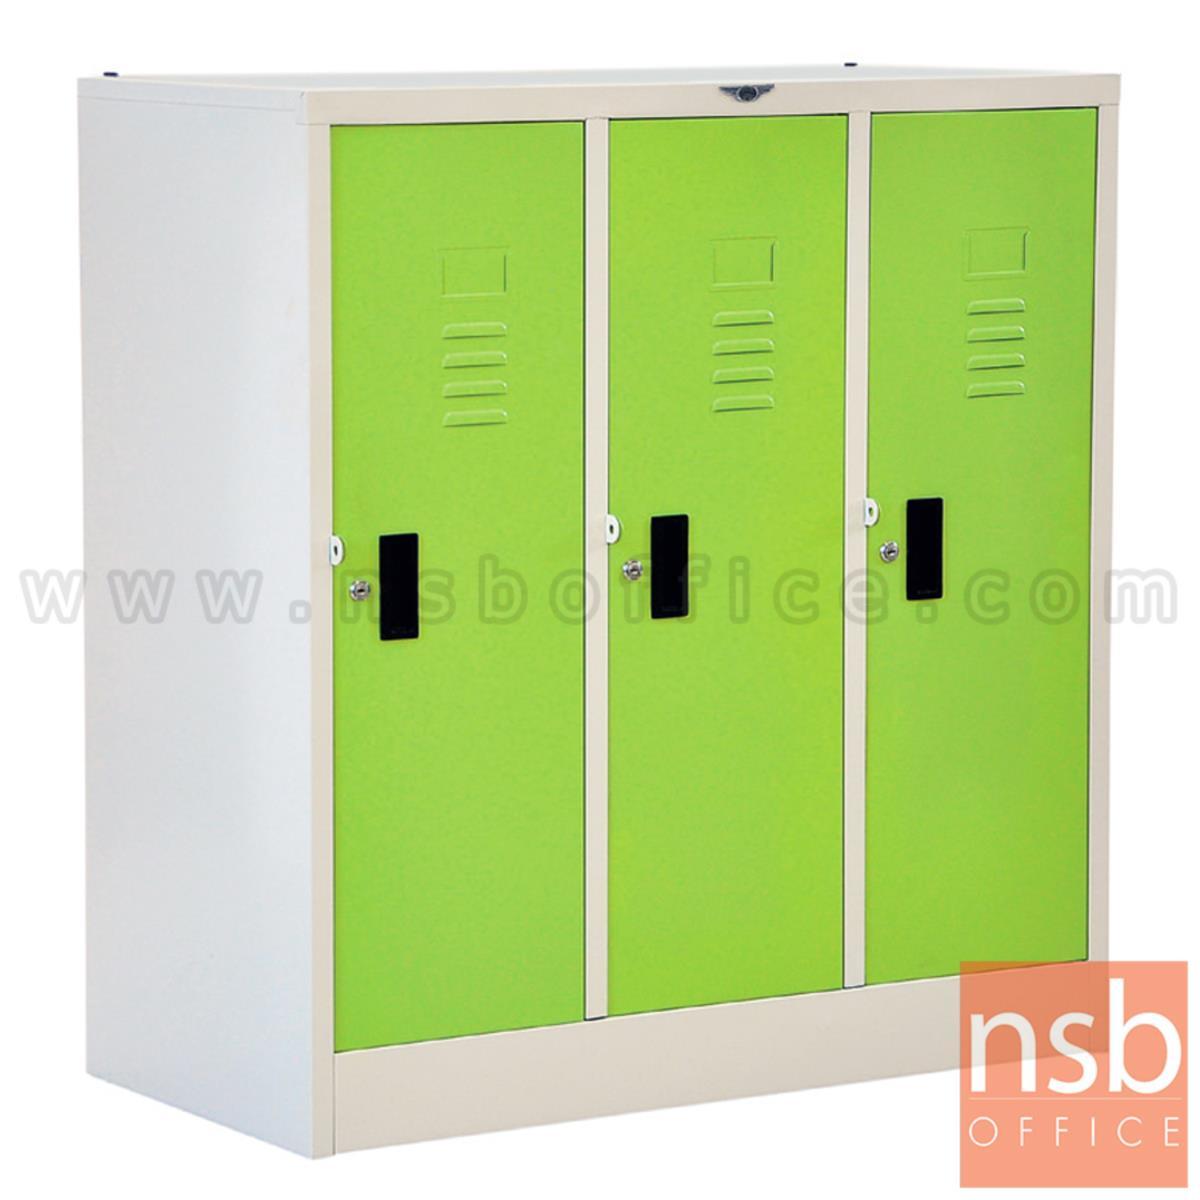 E08A033:ตู้ล็อกเกอร์เหล็กเตี้ย 3 ประตู  รุ่น Blunt (บลันต์)  ขนาด 91.2W*45.7D*97.7H cm.